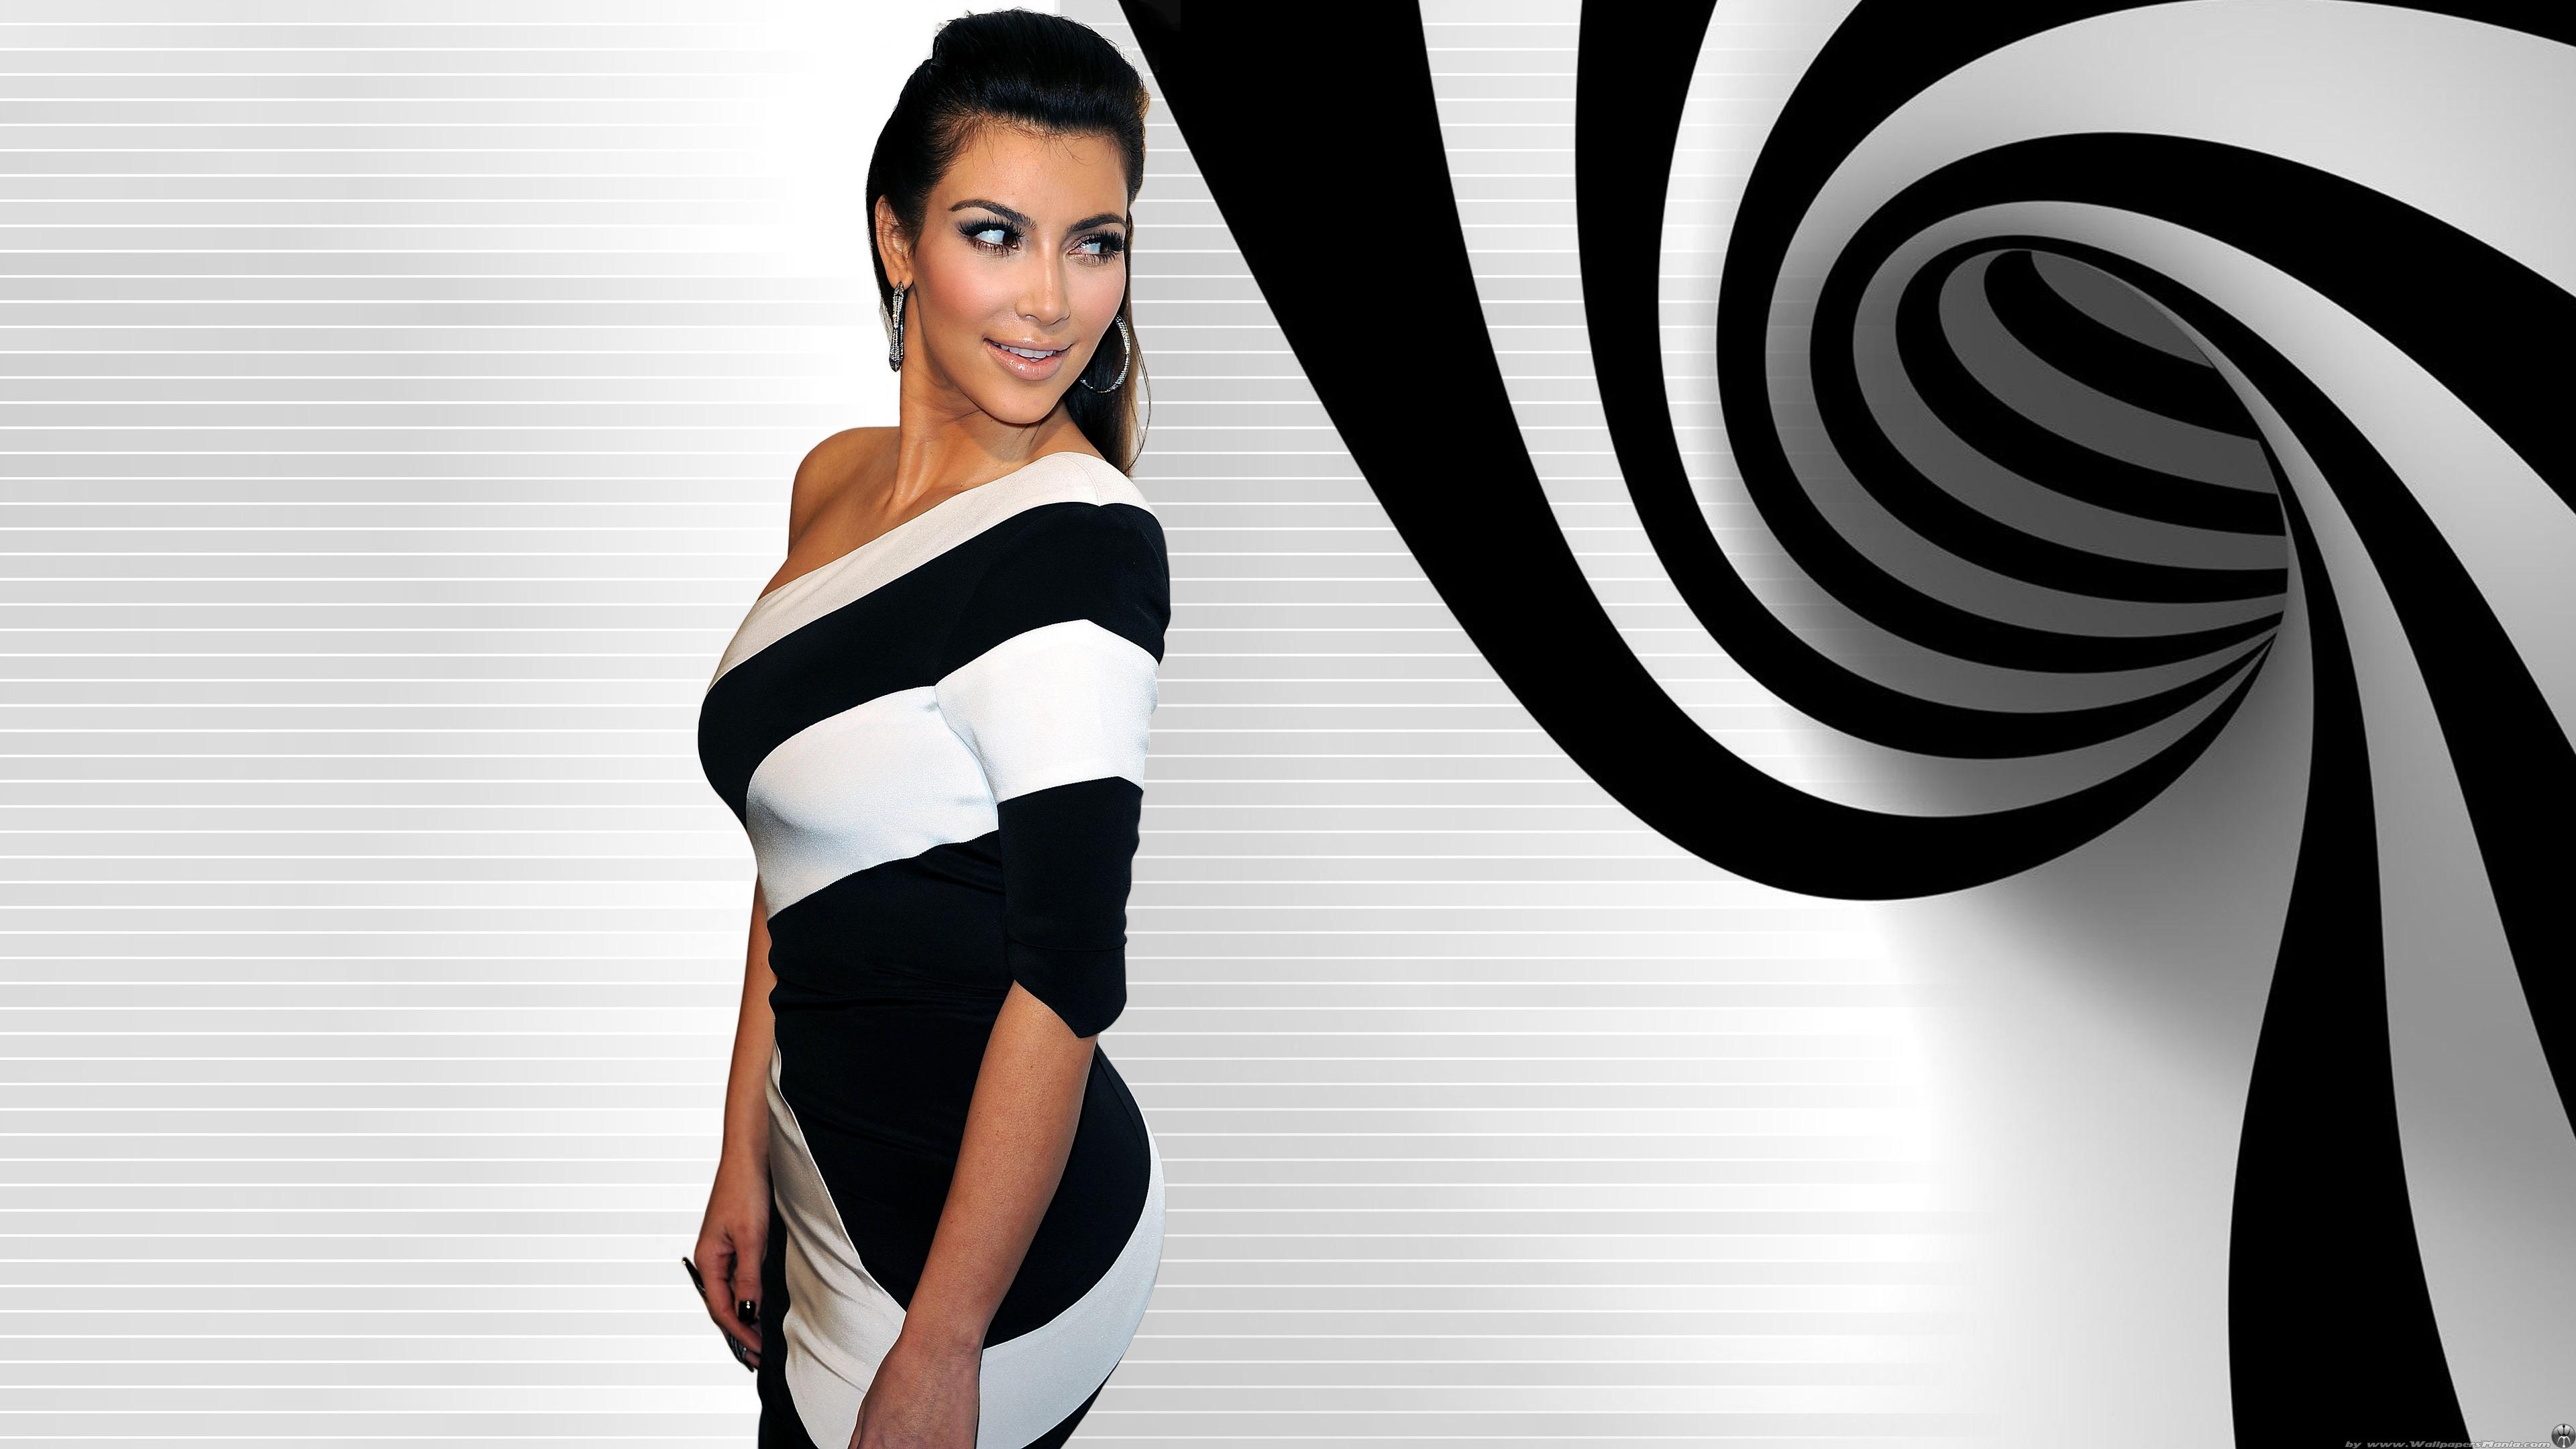 Kim Kardashian Wallpaper 9 of 50 4K Ultra HD 3840x2160 796 KB 3840x2160